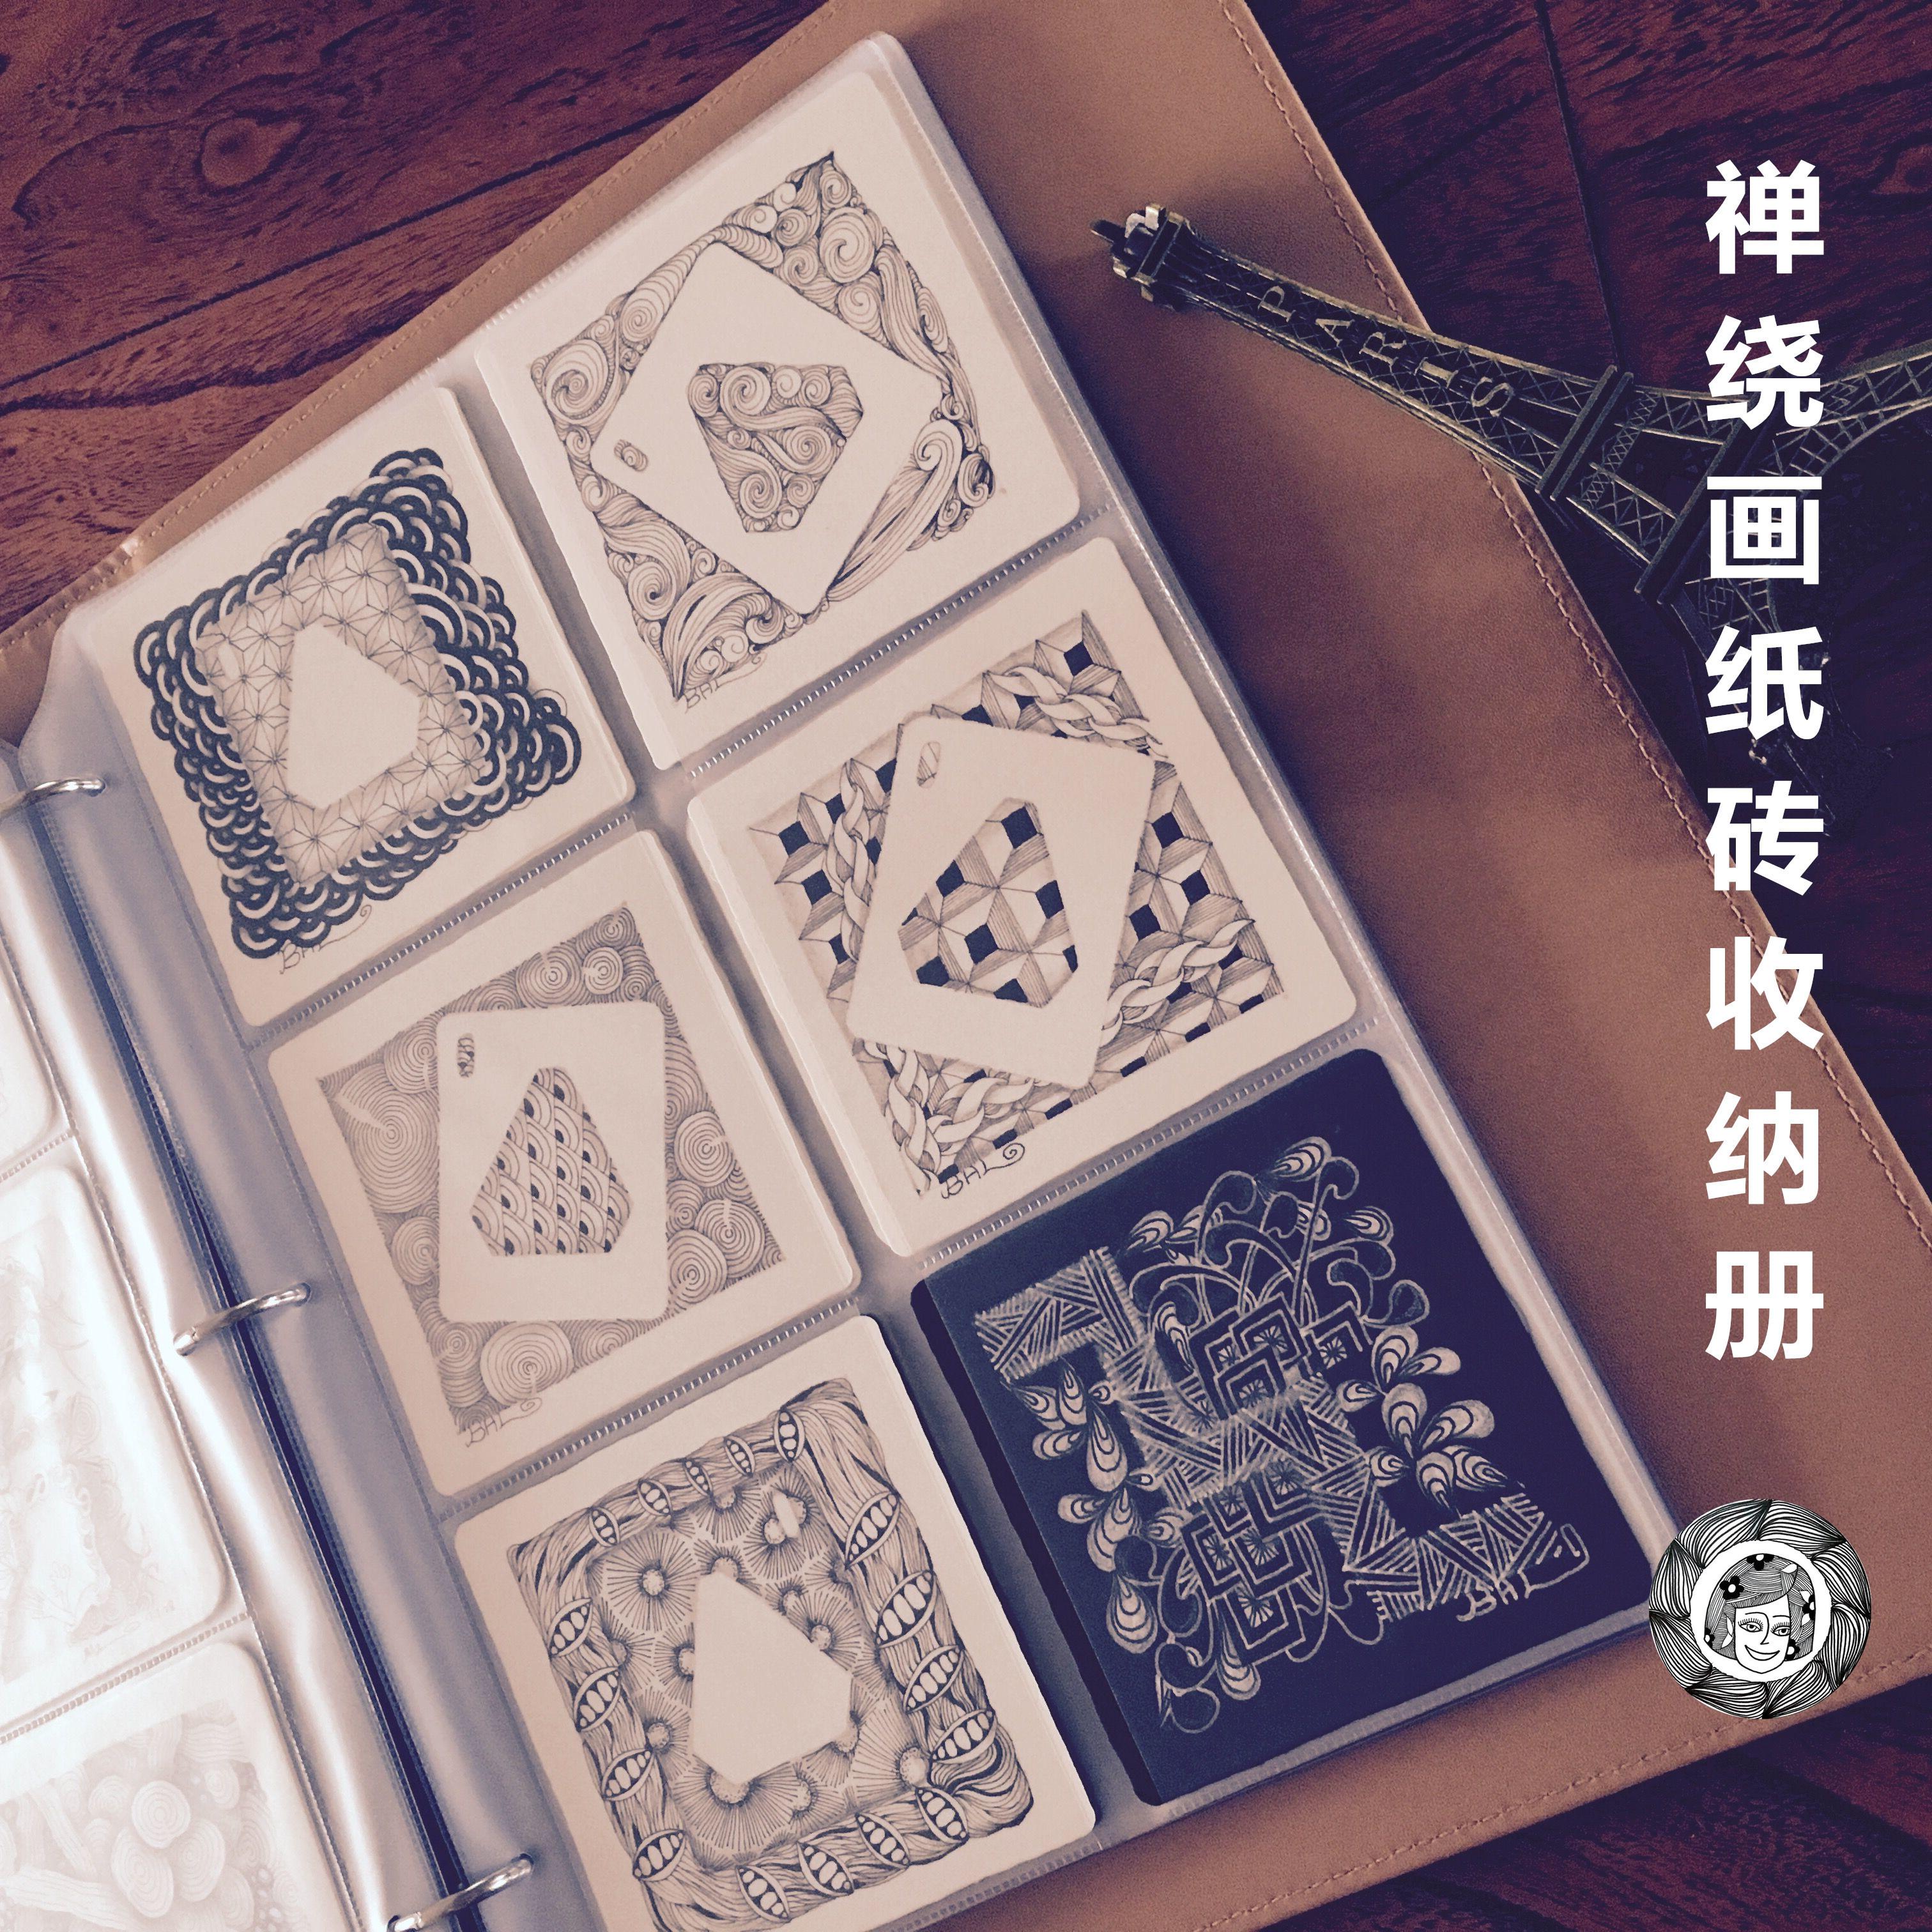 Zen извилистая бумага стандартный Бумажная сборка для хранения коллекций